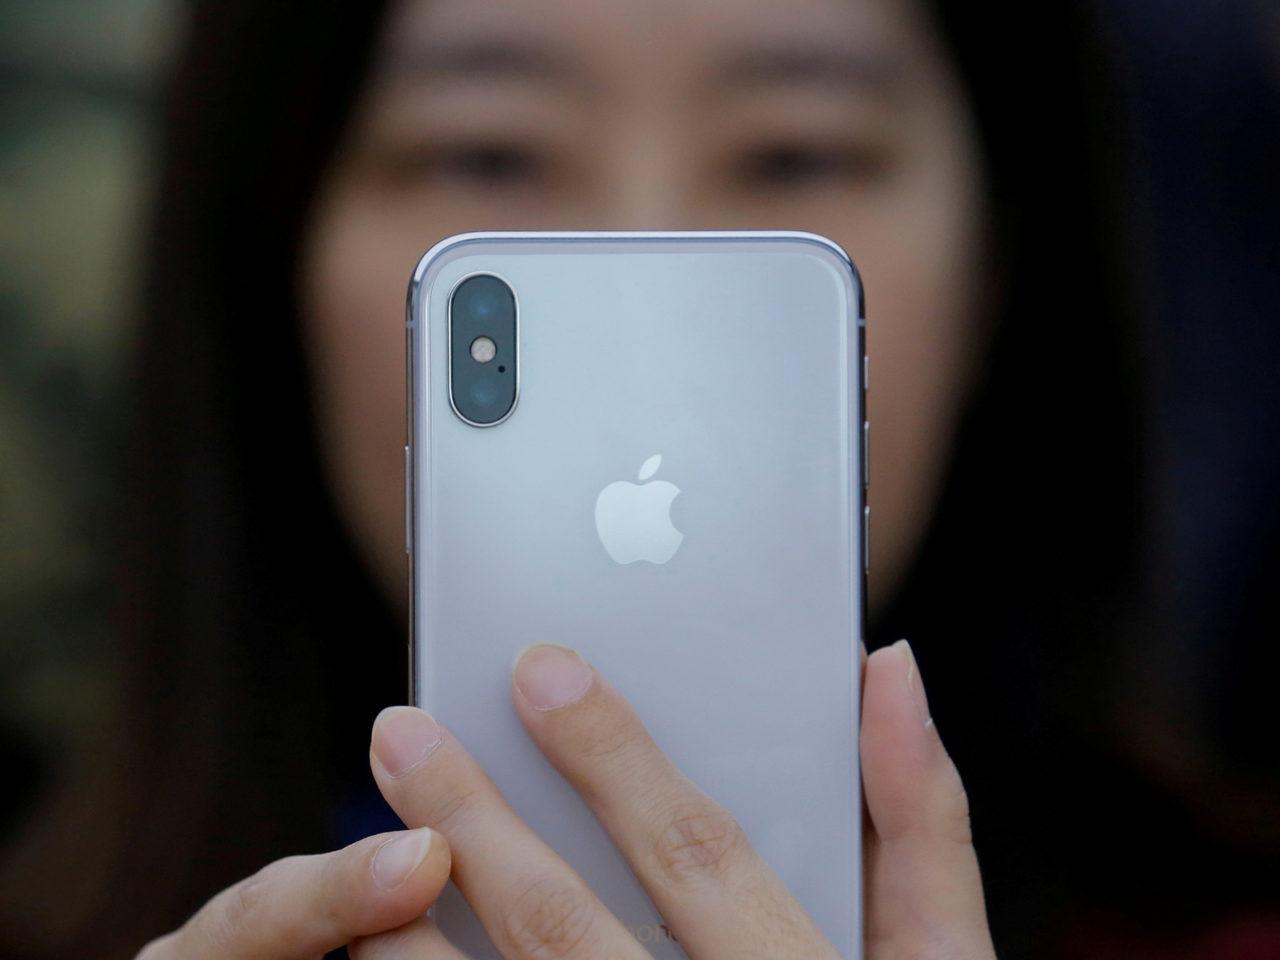 Блогер собрал iPhone X из купленных на китайских рынках запчастей - фото 110 | Сервисный центр Total Apple